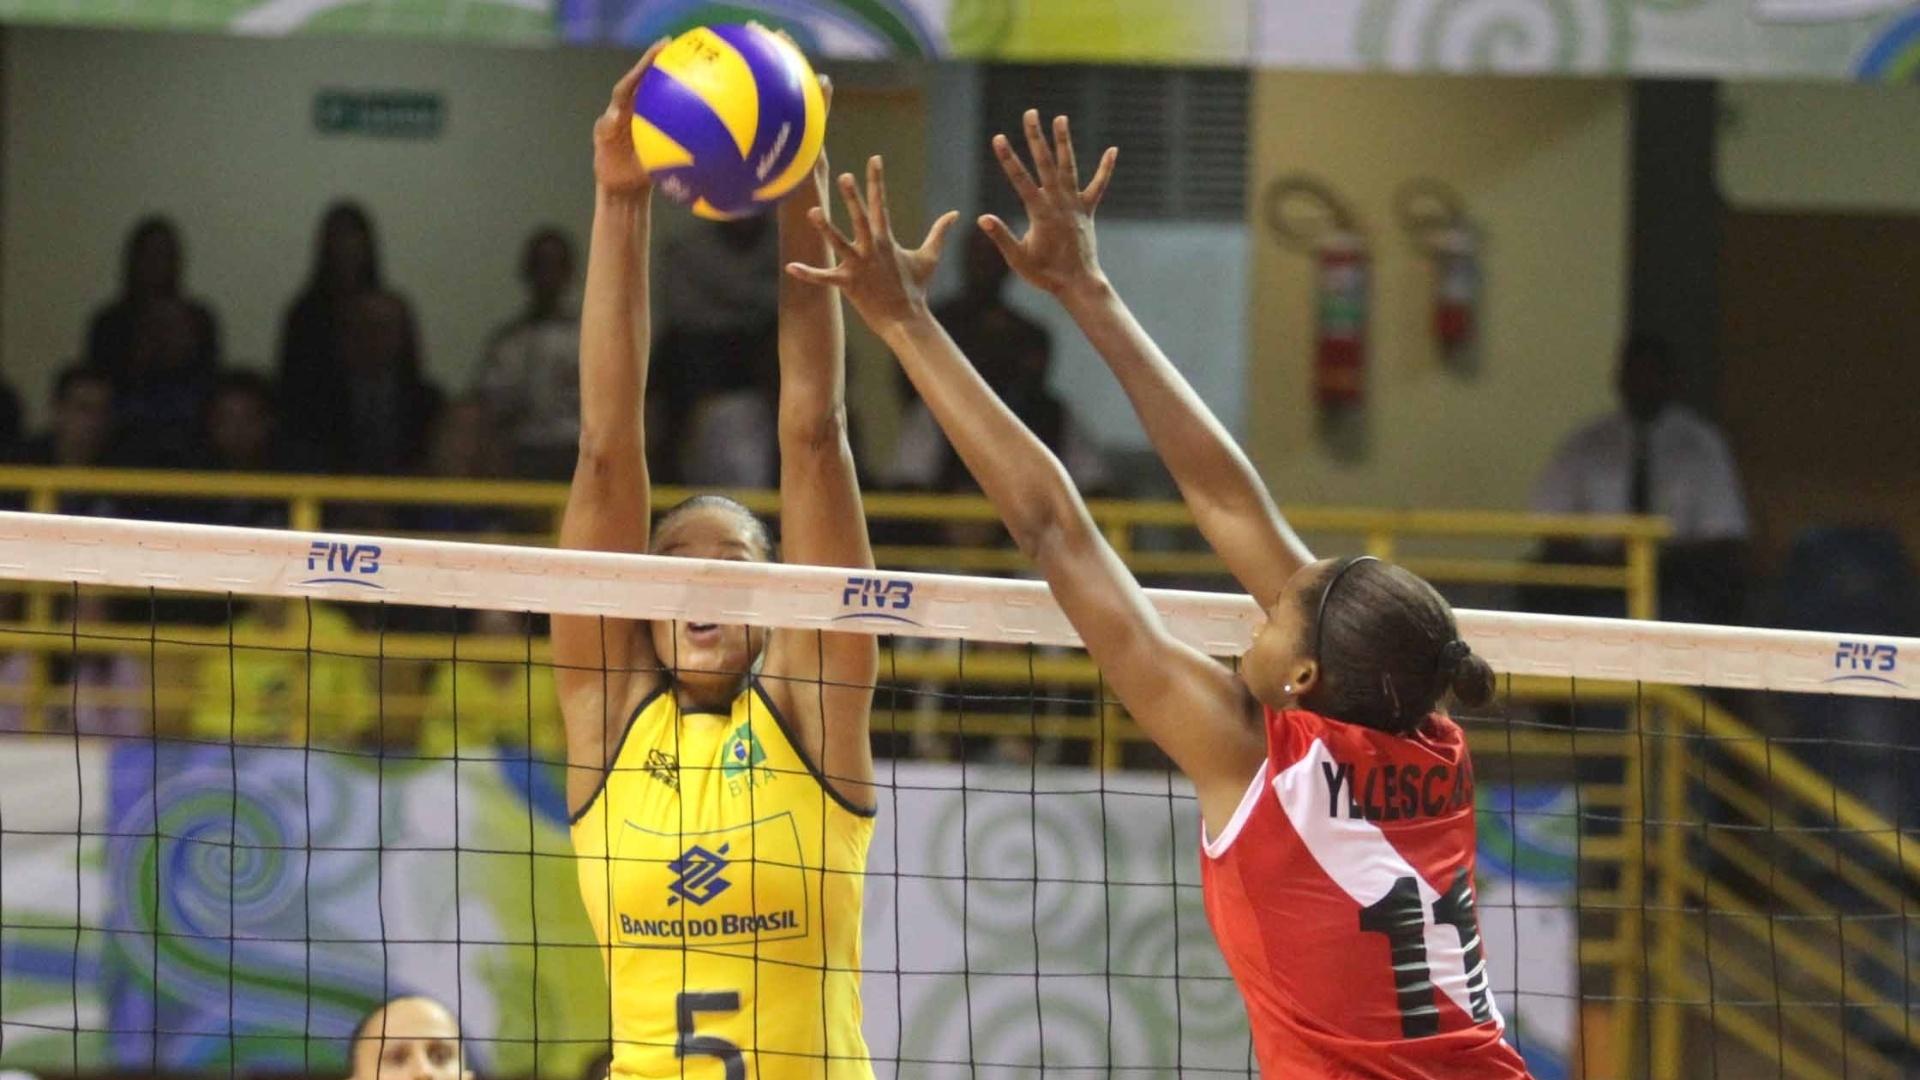 Adenízia, central da seleção brasileira, briga pela bola na